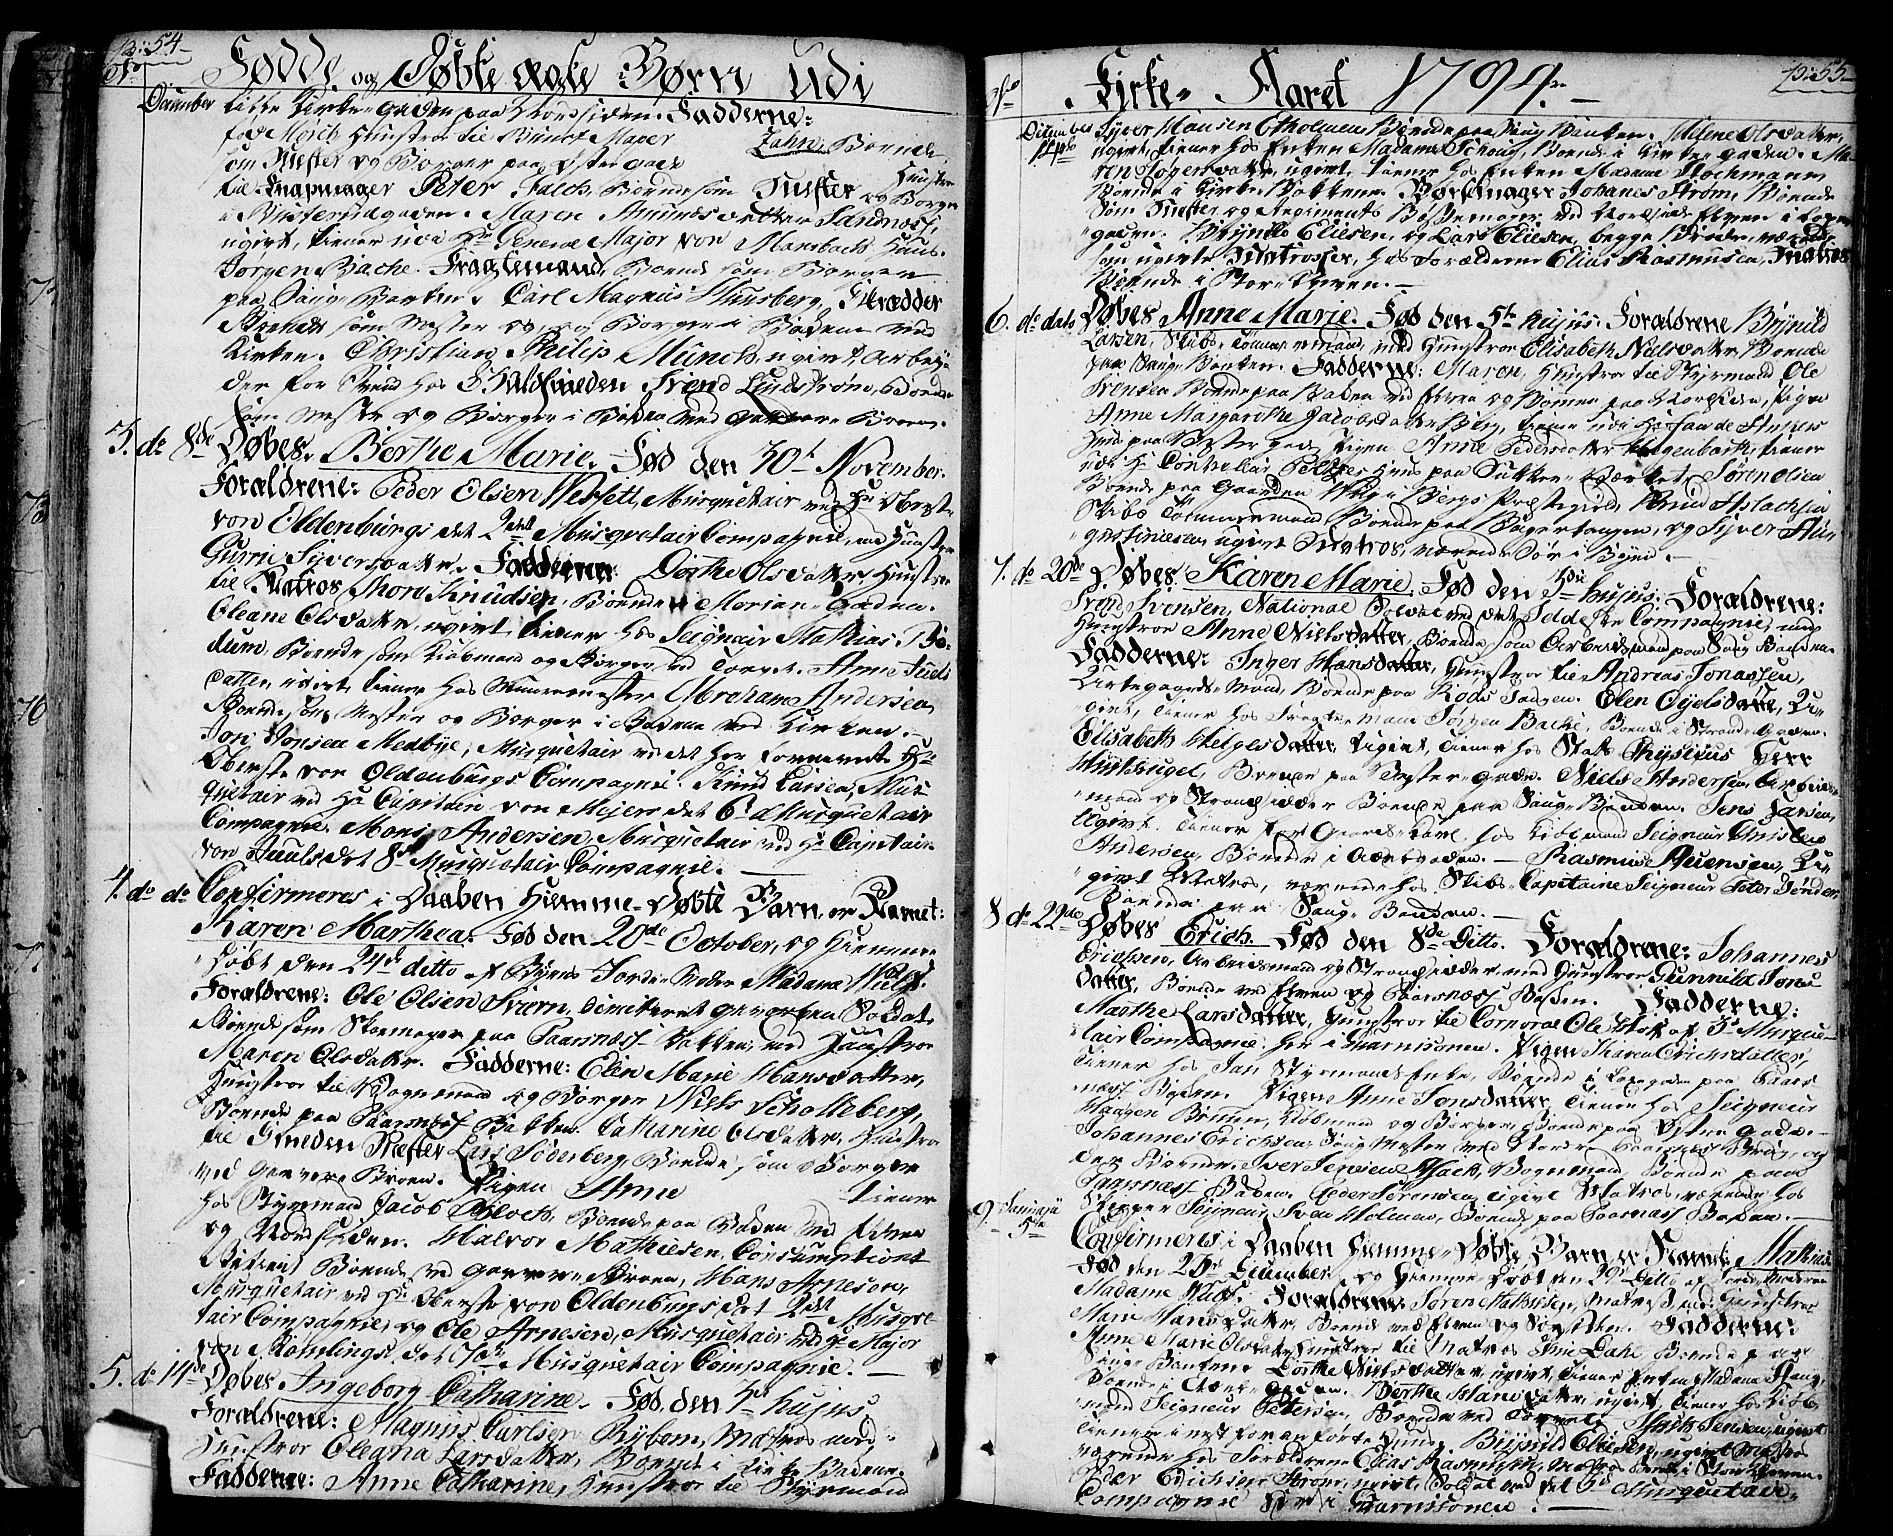 SAO, Halden prestekontor Kirkebøker, F/Fa/L0002: Ministerialbok nr. I 2, 1792-1812, s. 54-55